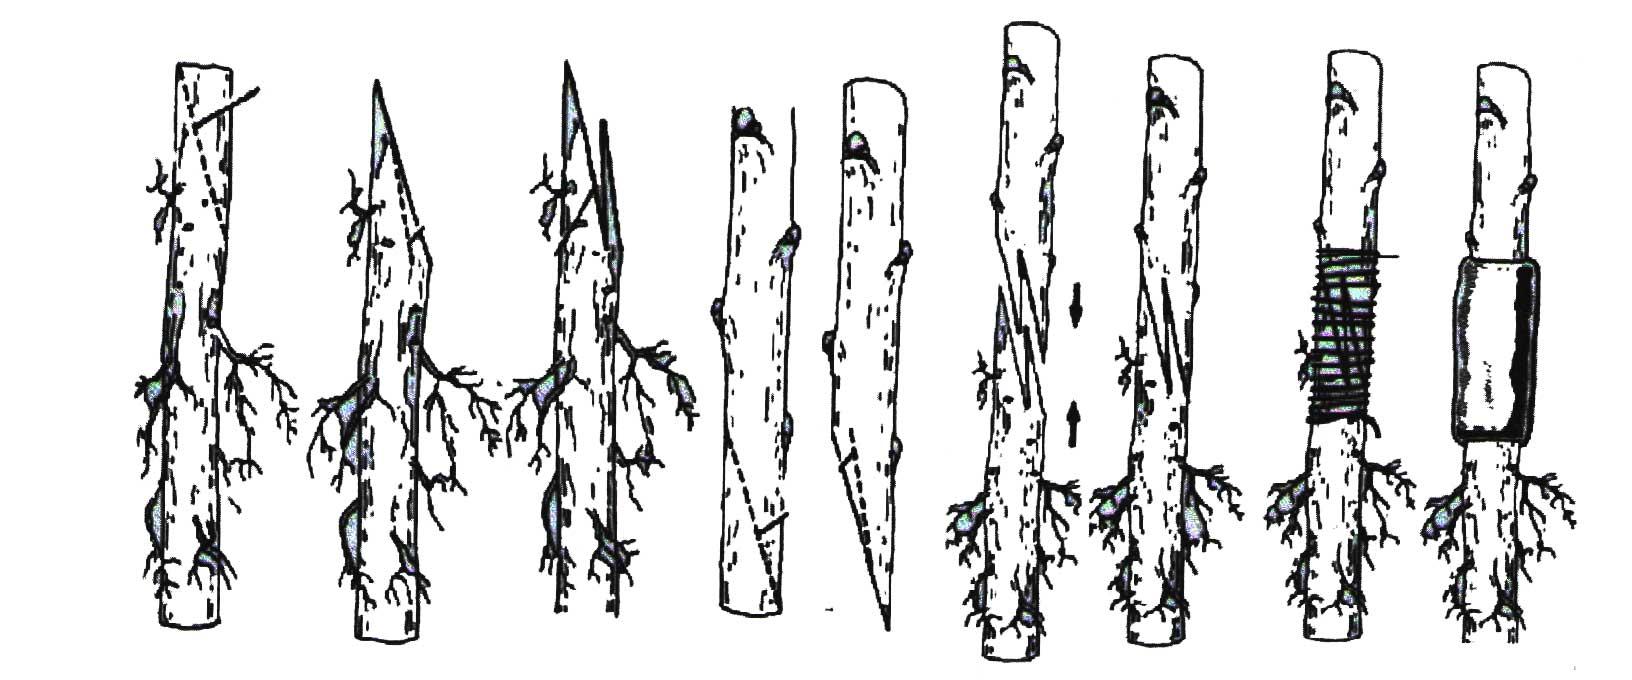 مراحل چوپیوند زبانهای